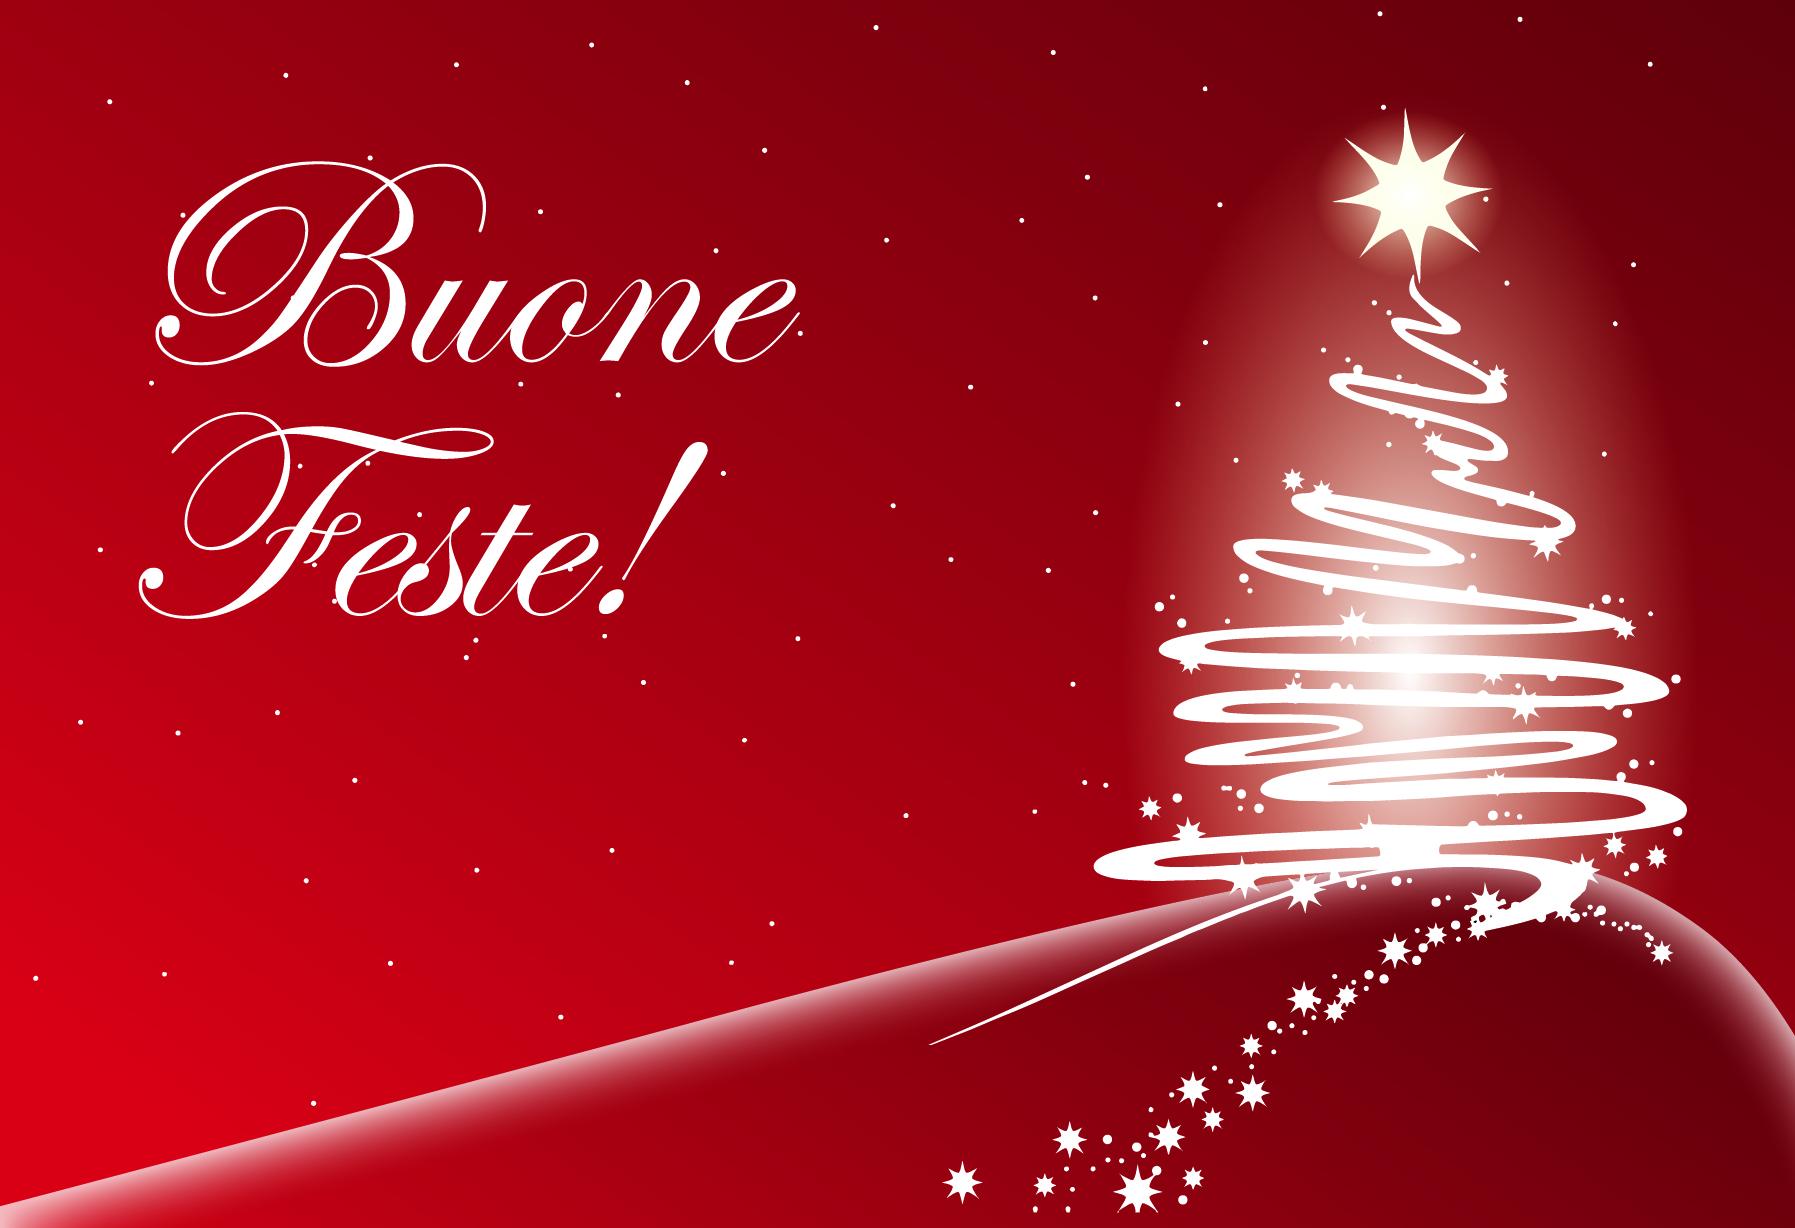 Auguri Di Buon Natale Alla Famiglia.Auguri Di Natale Alla Mia Famiglia Disegni Di Natale 2019